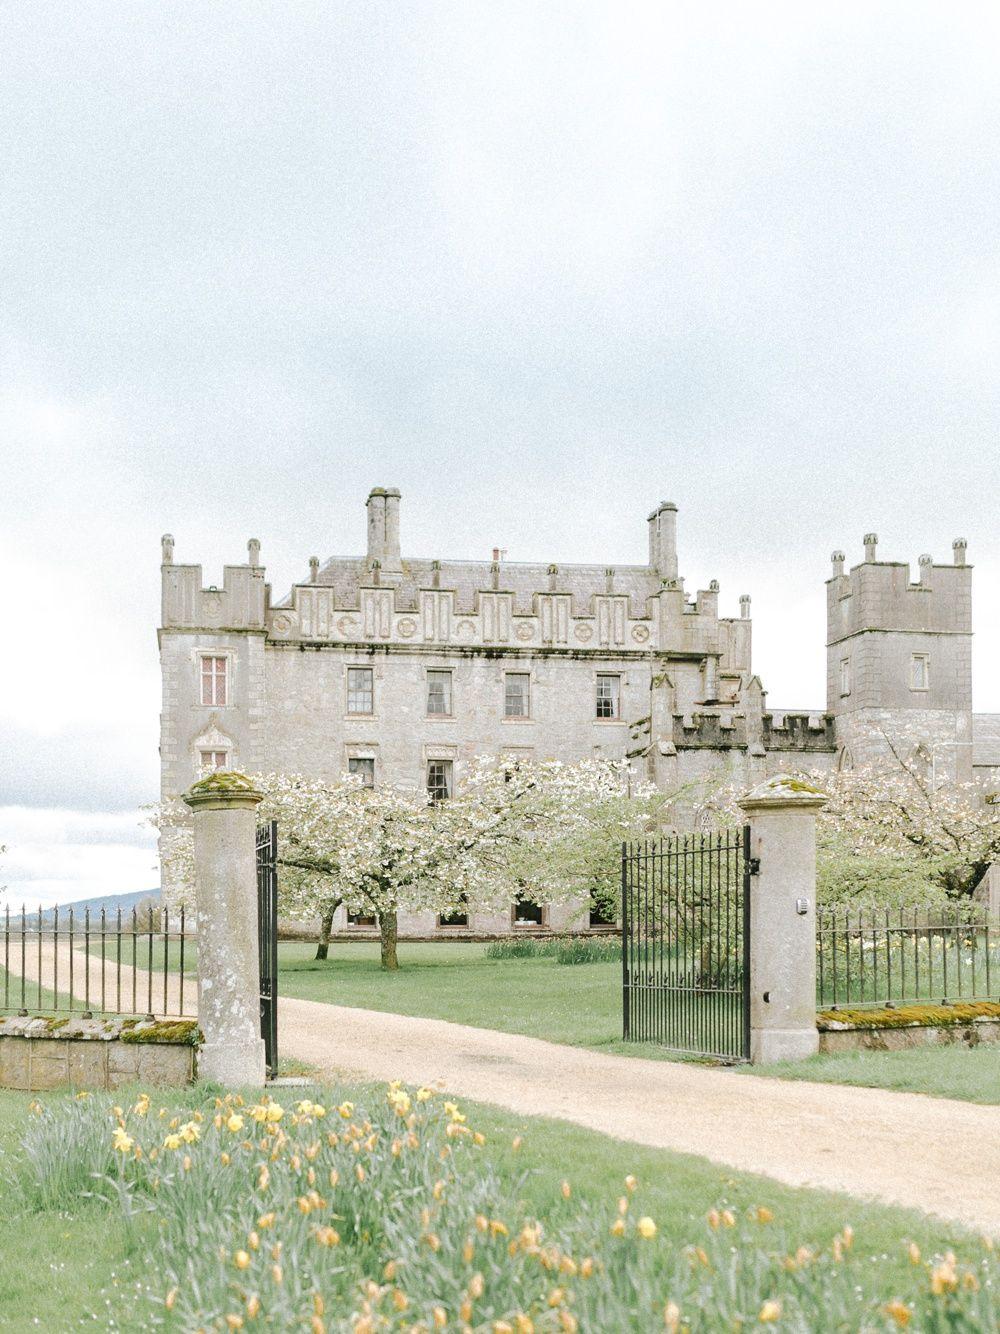 Borris House Irish Country Estate Entrance Ireland Wedding